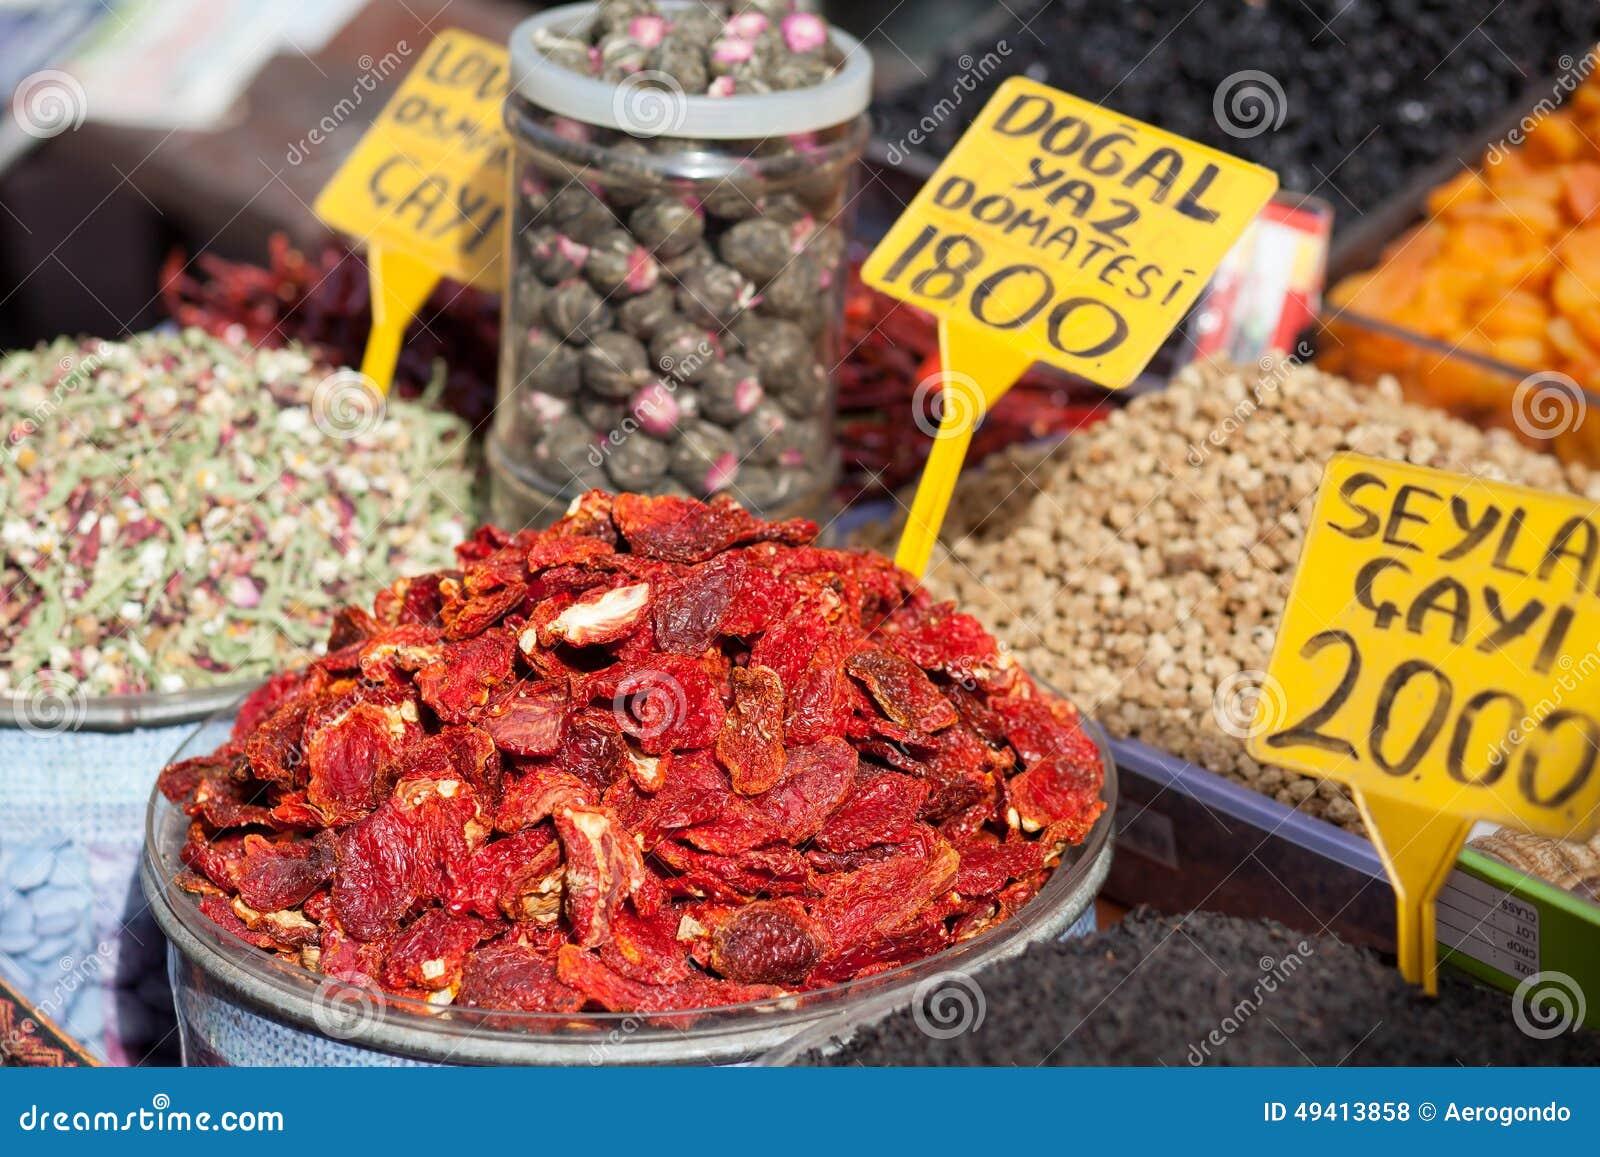 Download Grüner Marktstand Mit Getrockneter Tomate Stockfoto - Bild von feinschmecker, lebensstile: 49413858